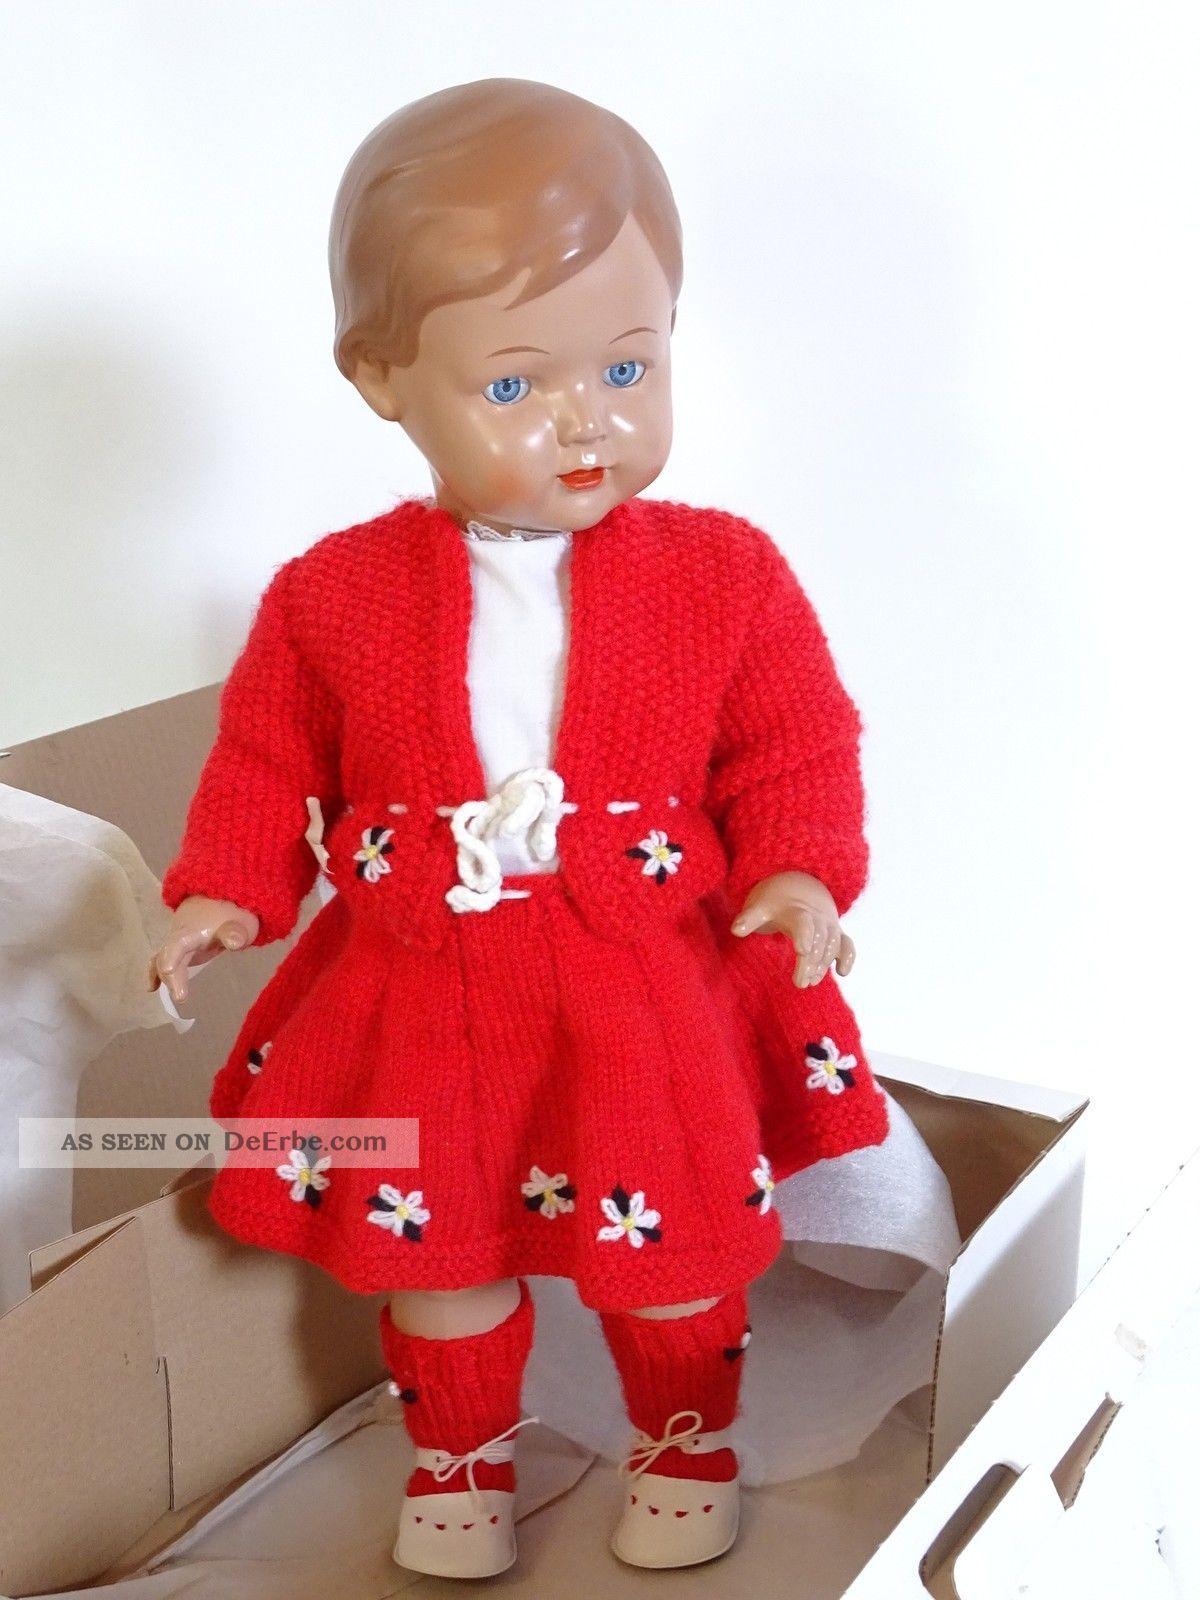 ältere Schildkröt Puppe Rep 56 Inkl. Roter Kleidung Und ...